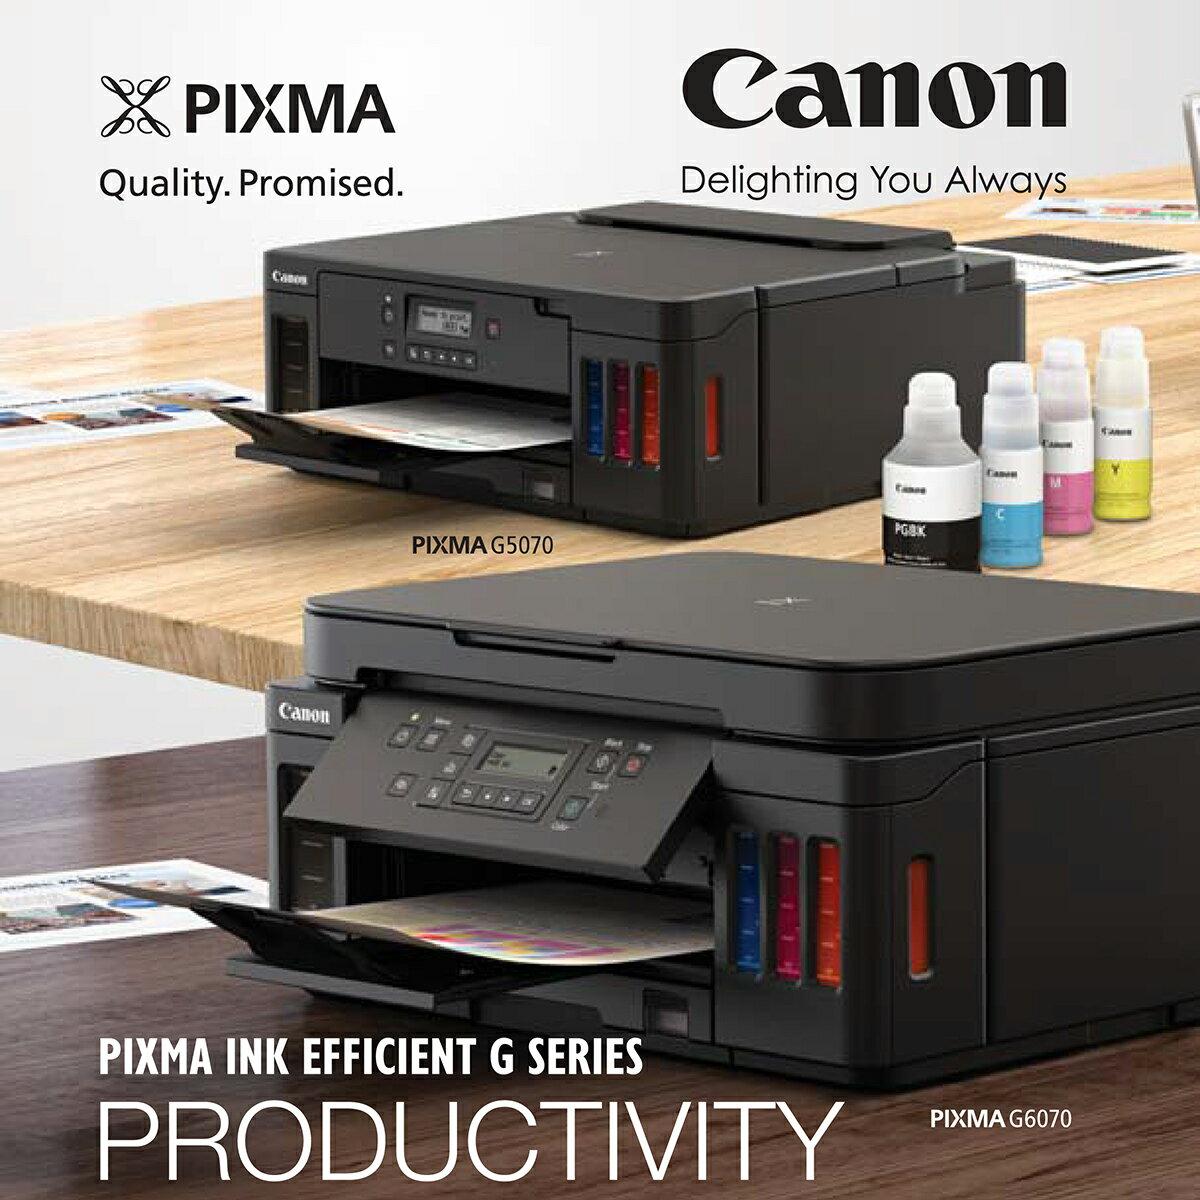 佳能 Canon PIXMA G5070 商用連供印表機 列印 影印 支援滿版列印